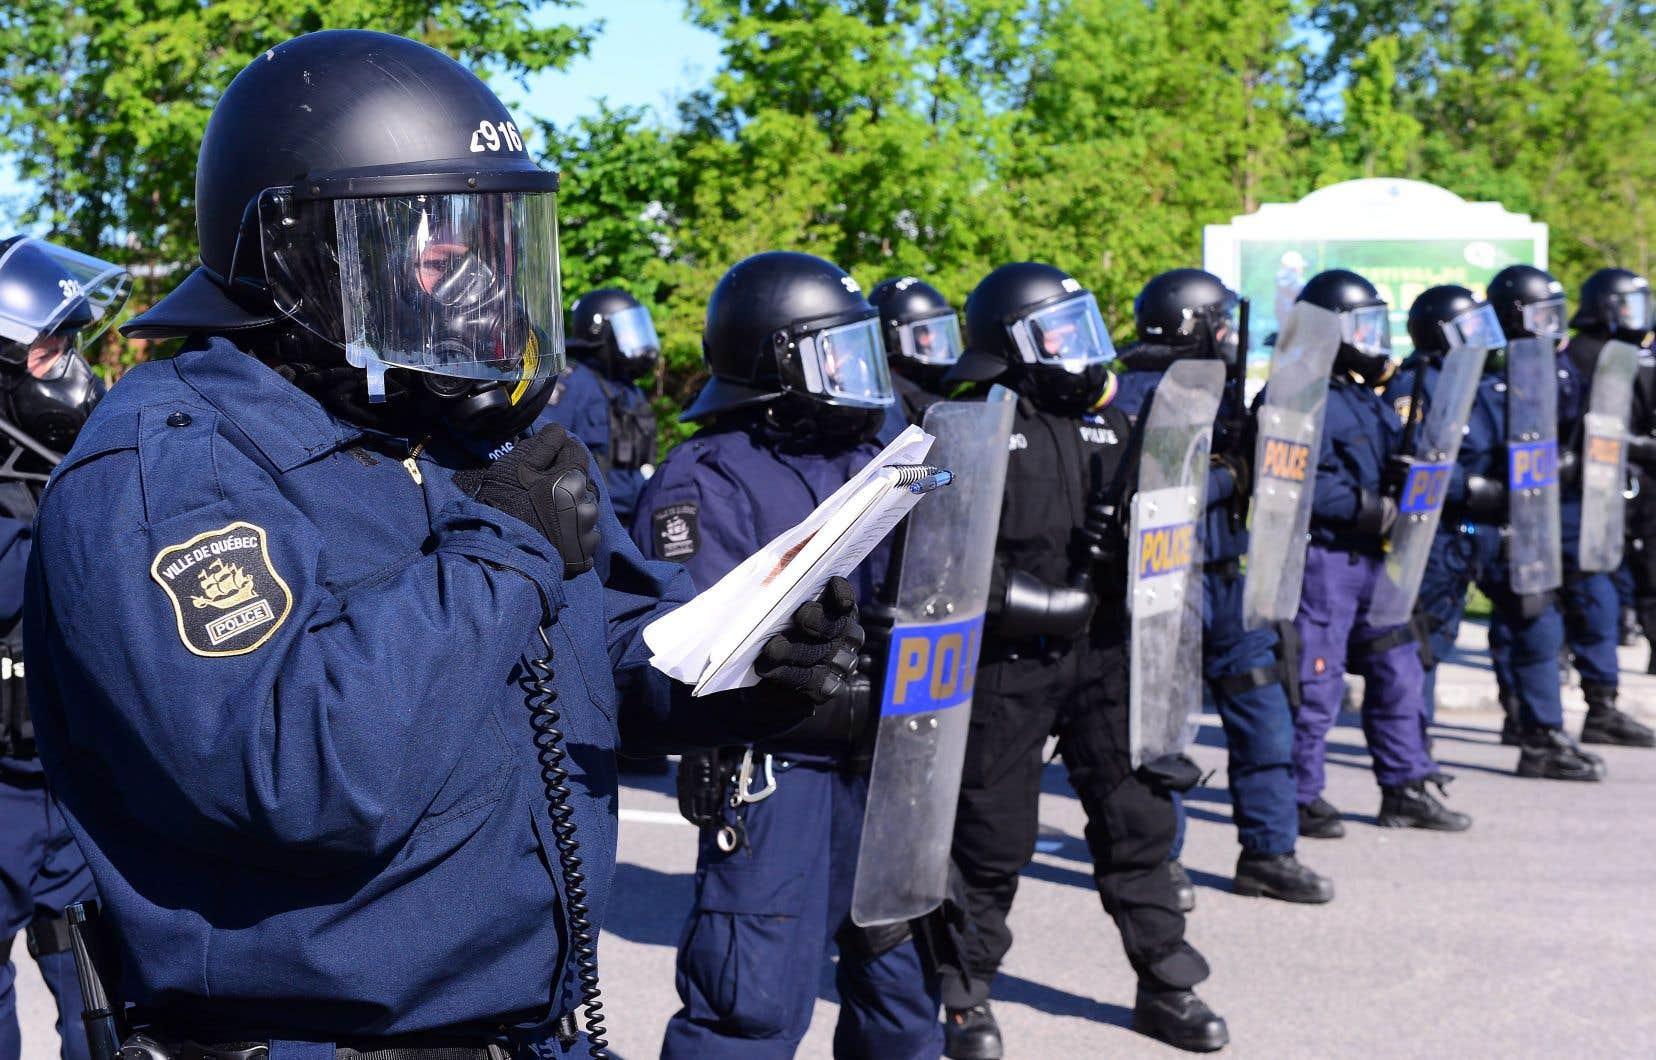 Les militants étaient largement surpassés en nombre par les forces policières.